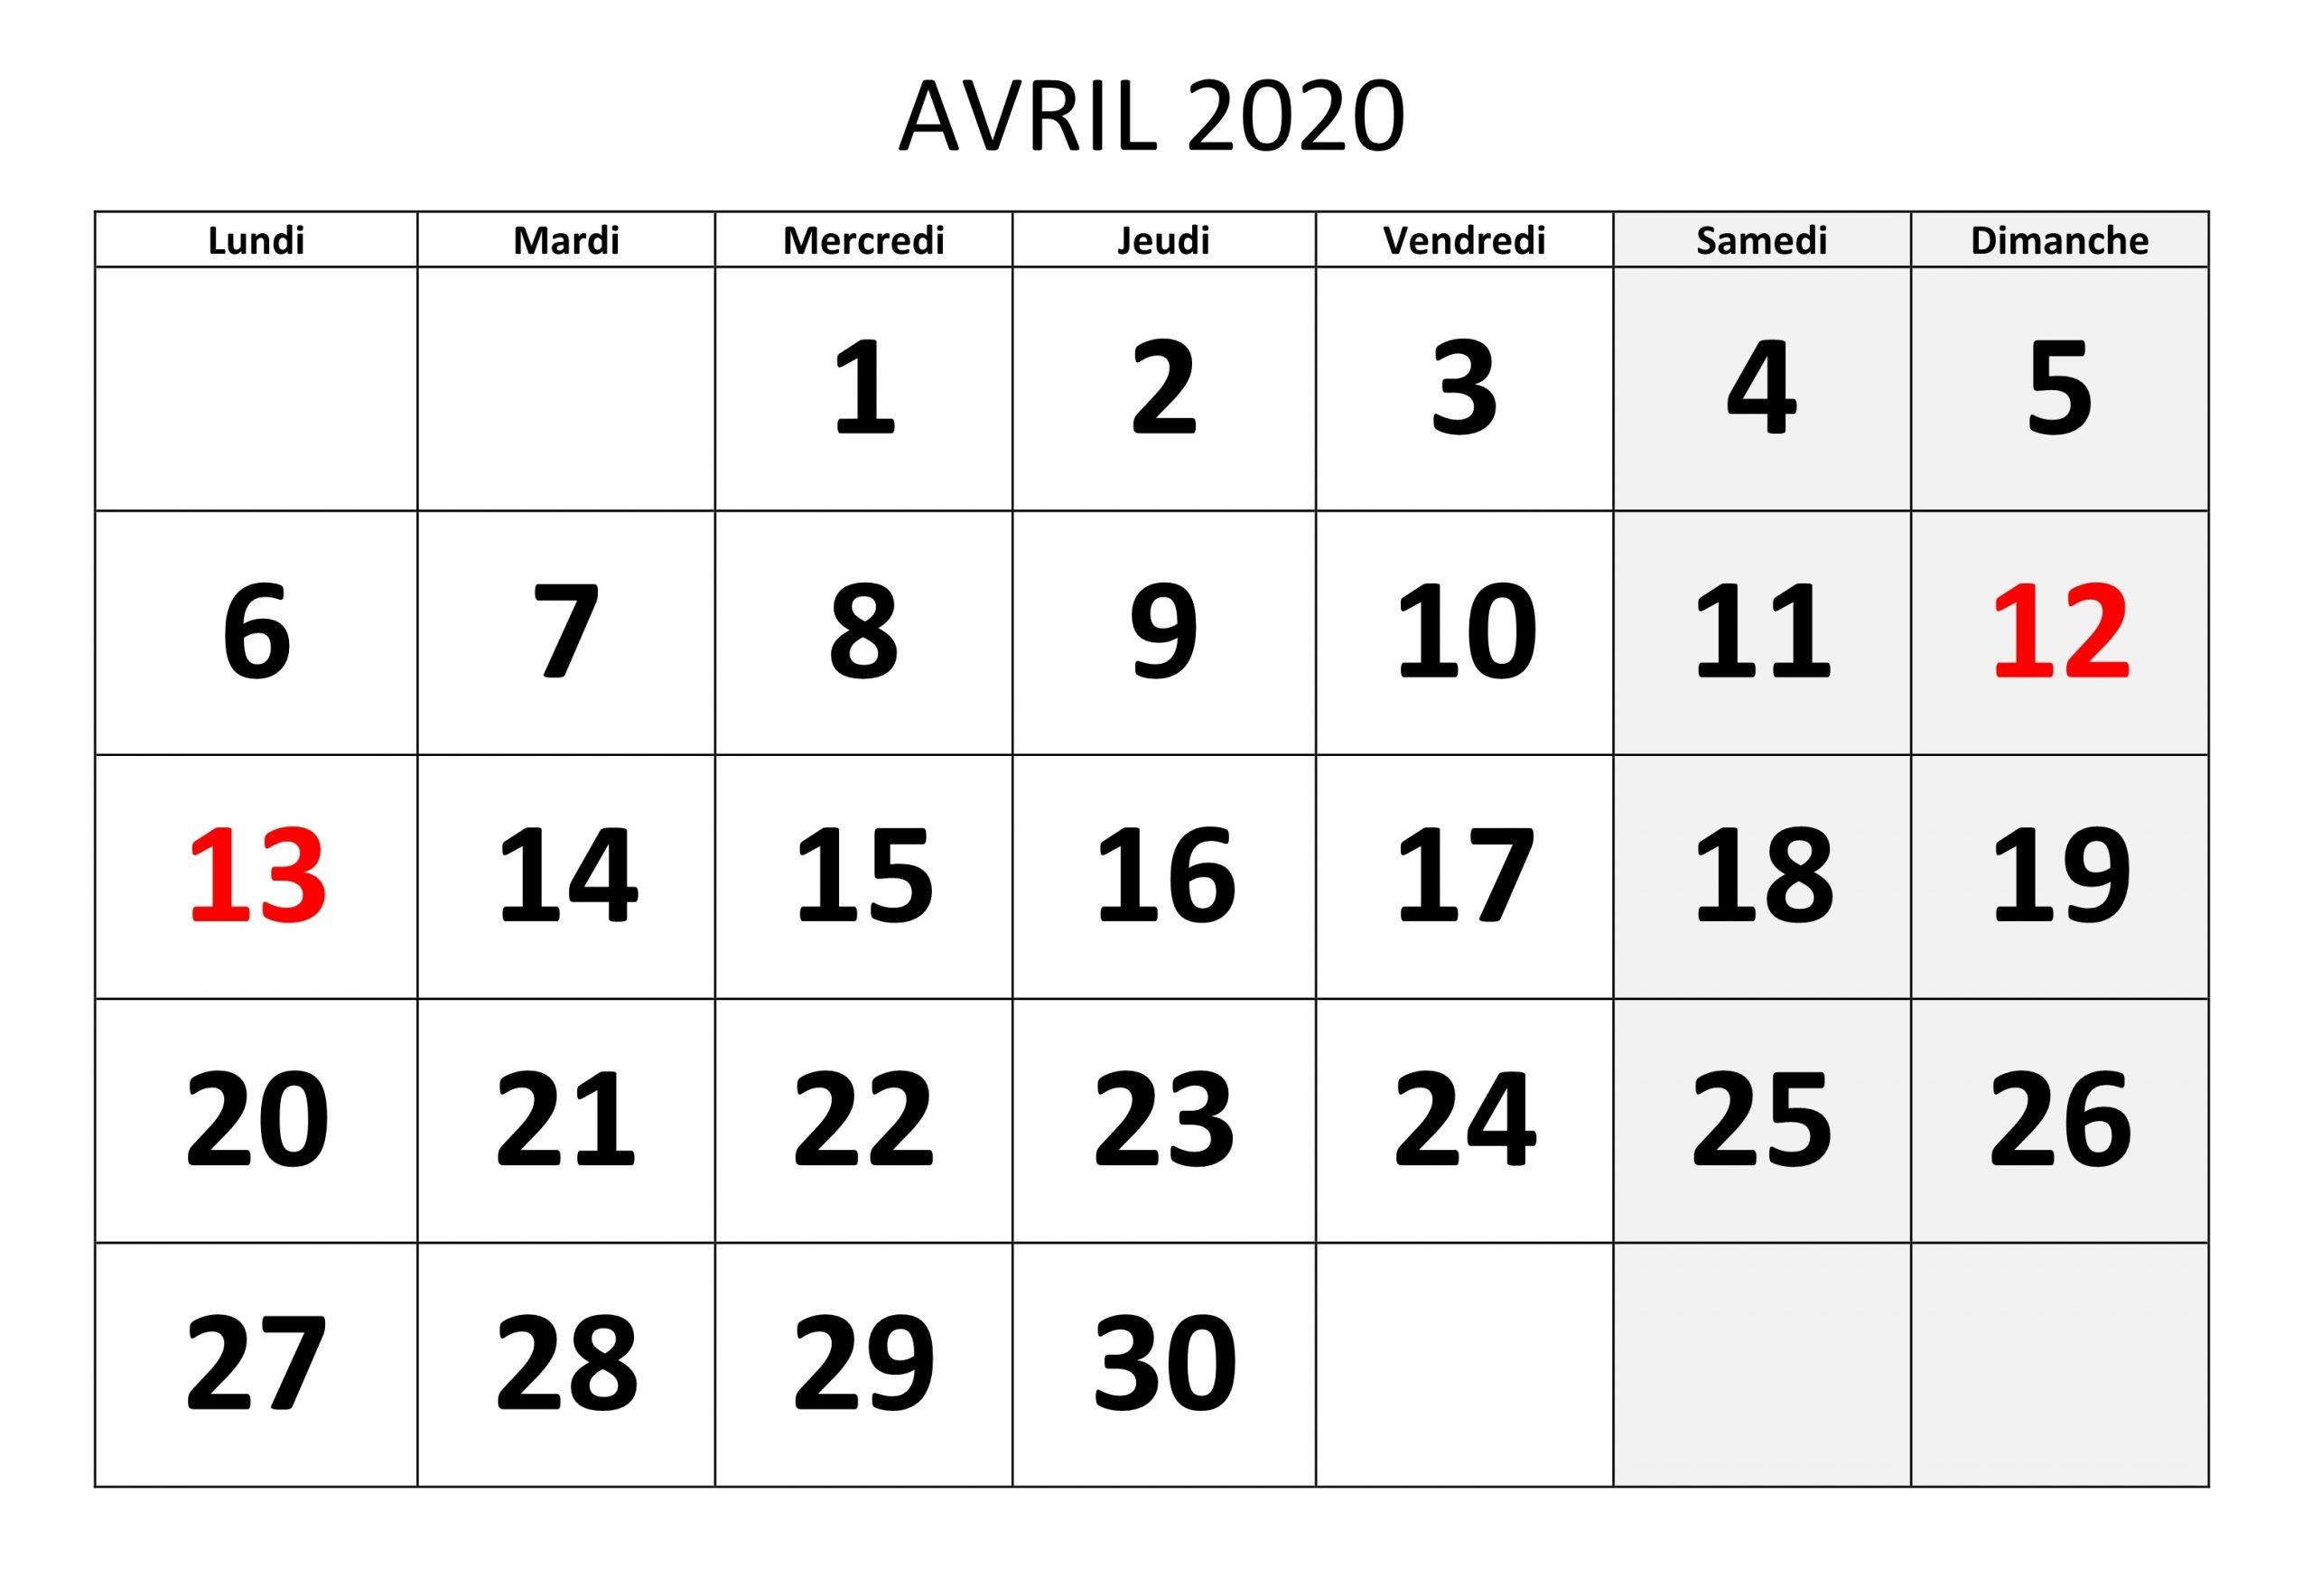 Calendrier Avril 2020 Mensuel